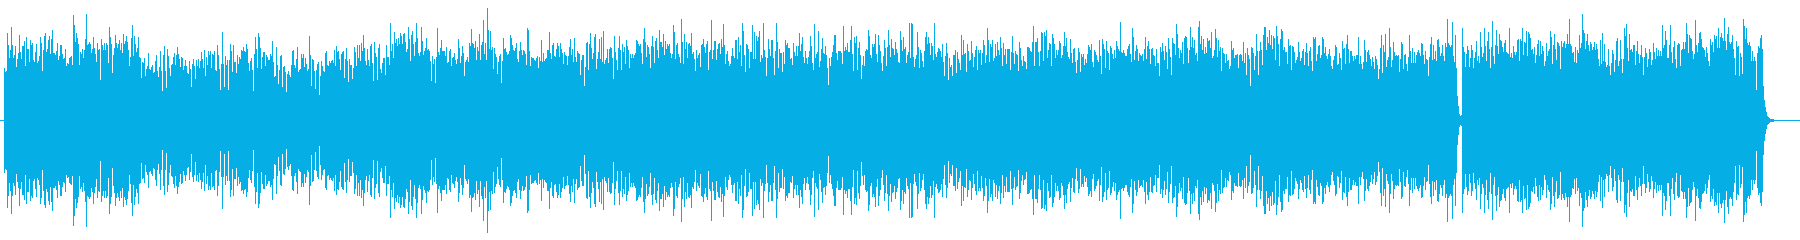 壮大な宇宙へ出発するエレクトロポップの再生済みの波形